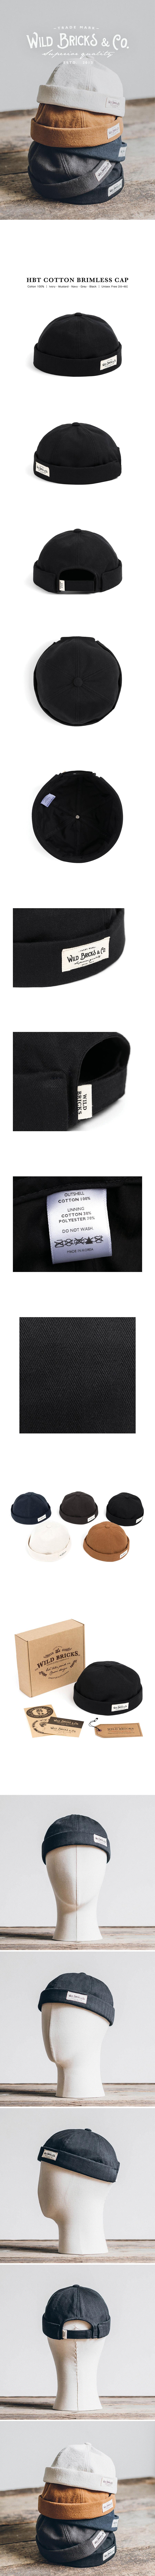 와일드 브릭스(WILD BRICKS) HBT COTTON BRIMLESS CAP (black)